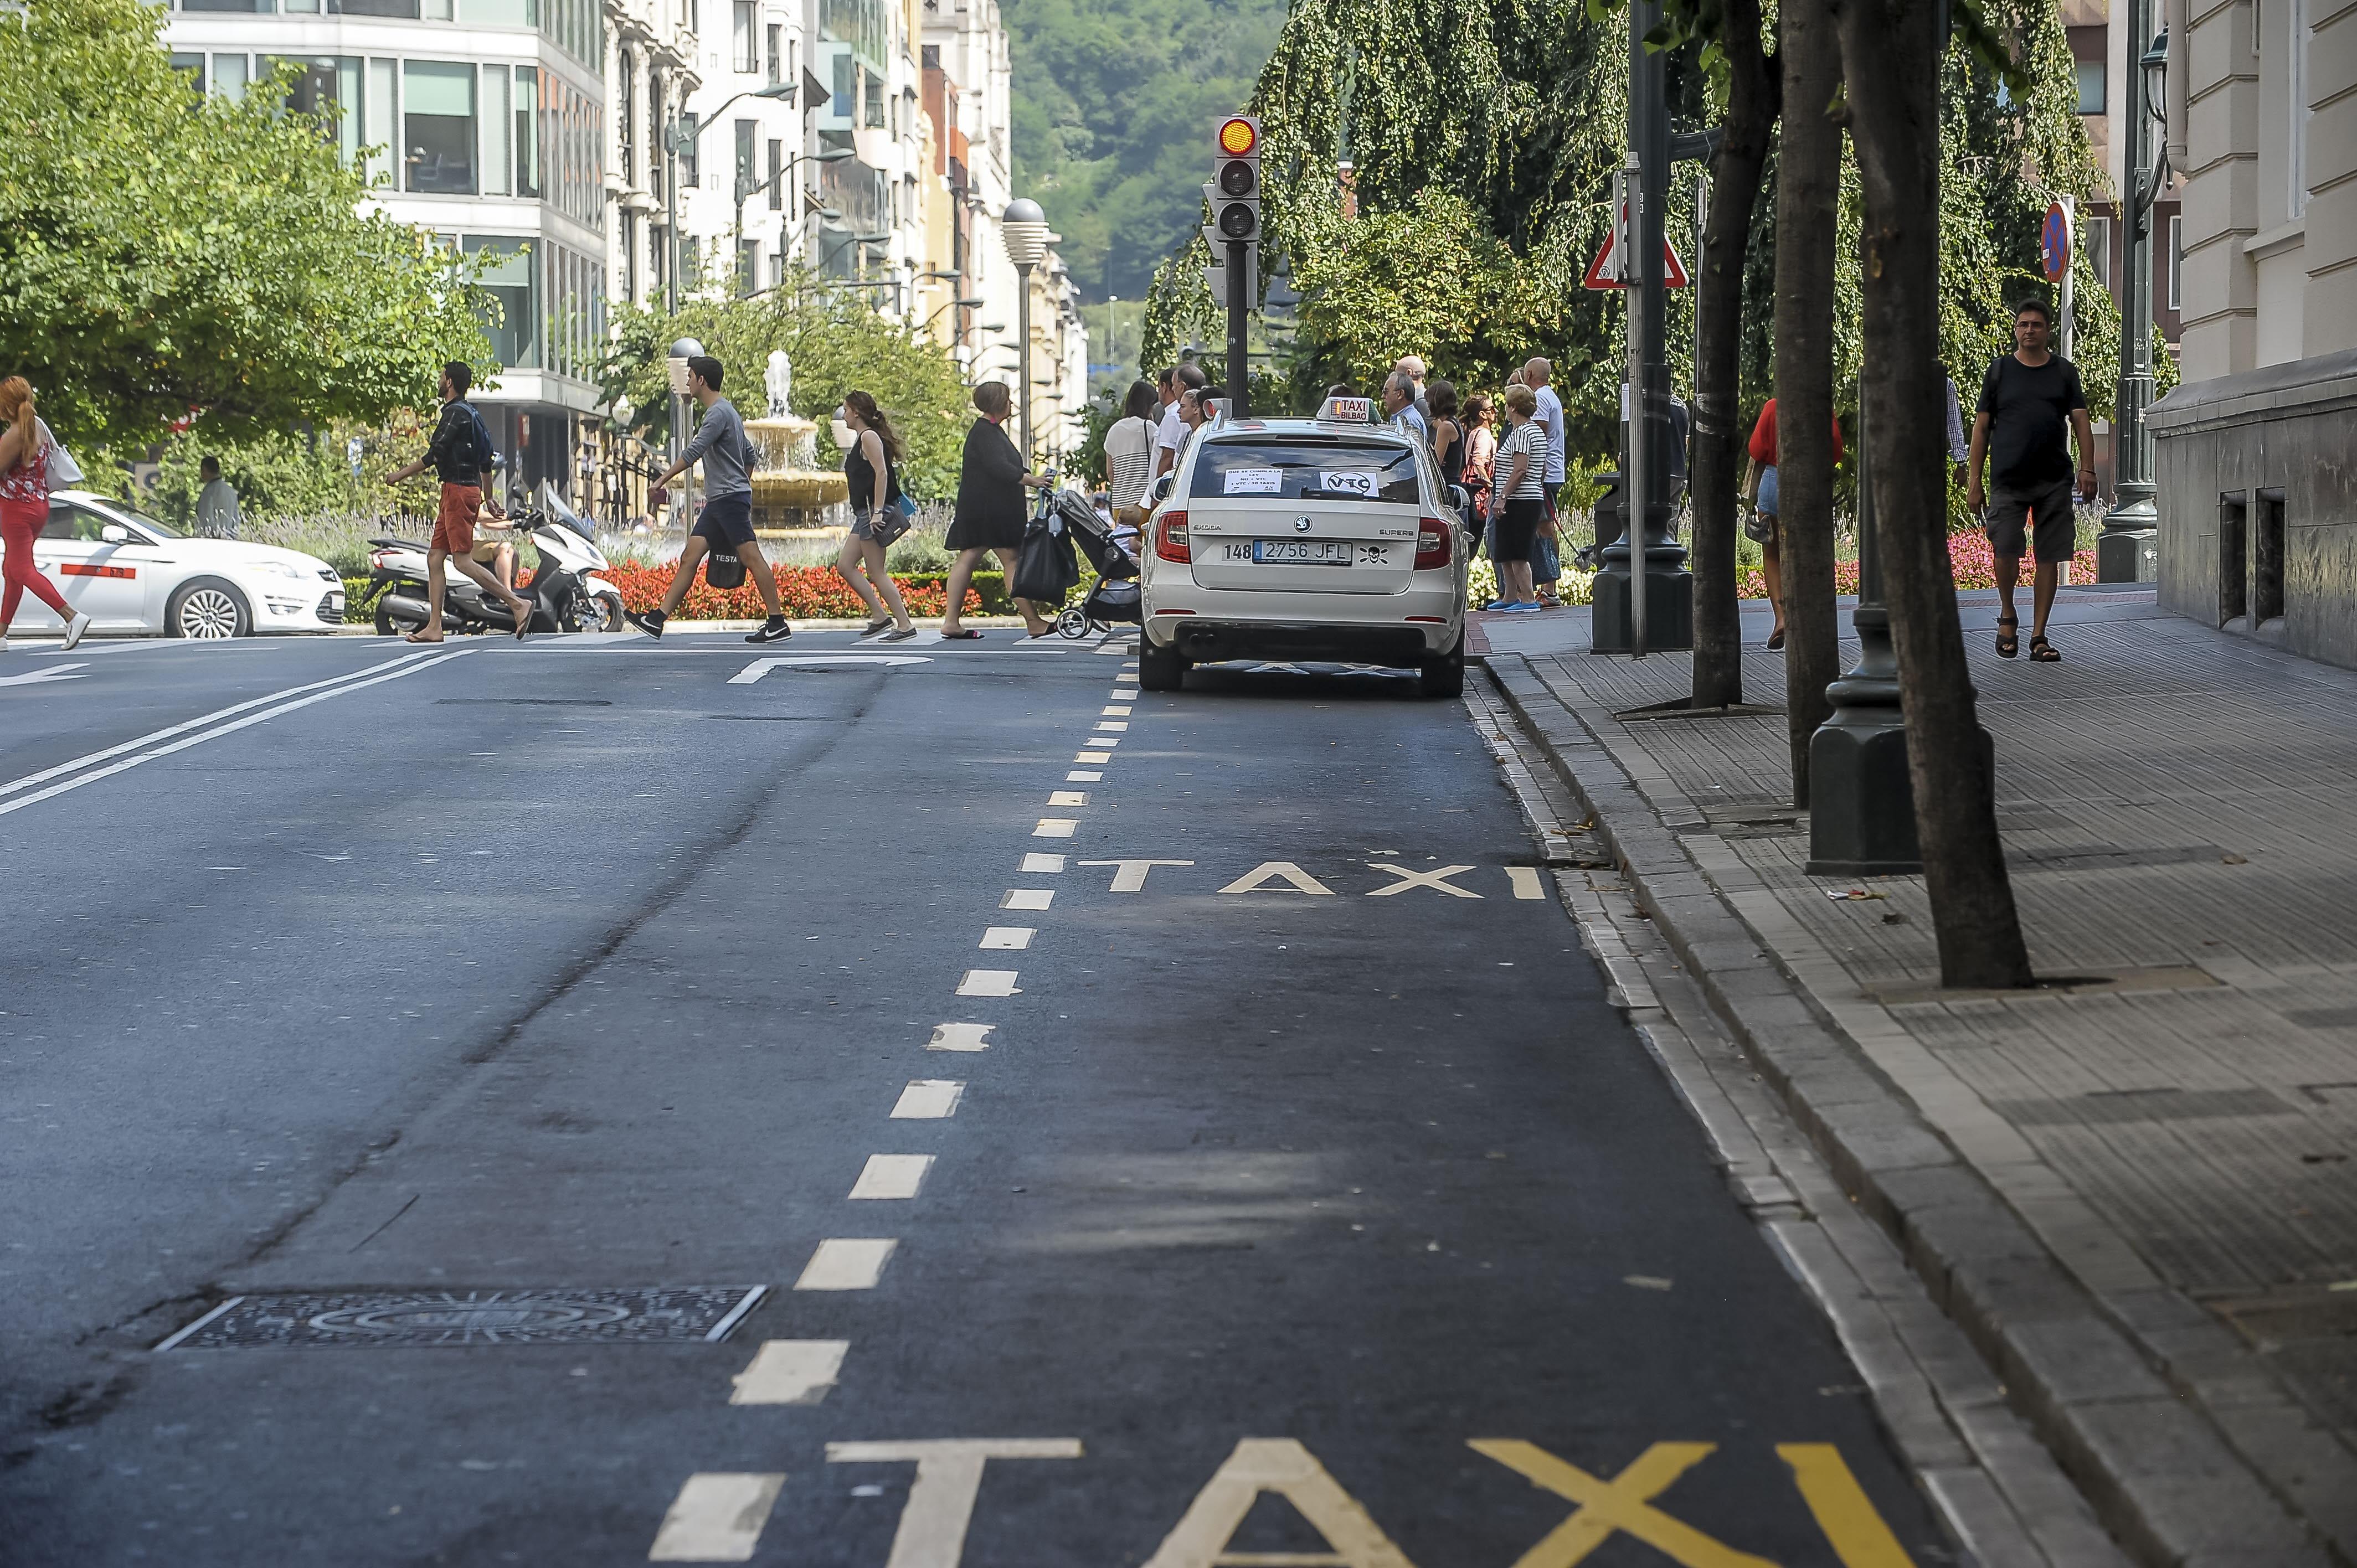 Los taxistas de Madrid podrán hacer trayectos a precio cerrado y rebajas en caso de contaminación